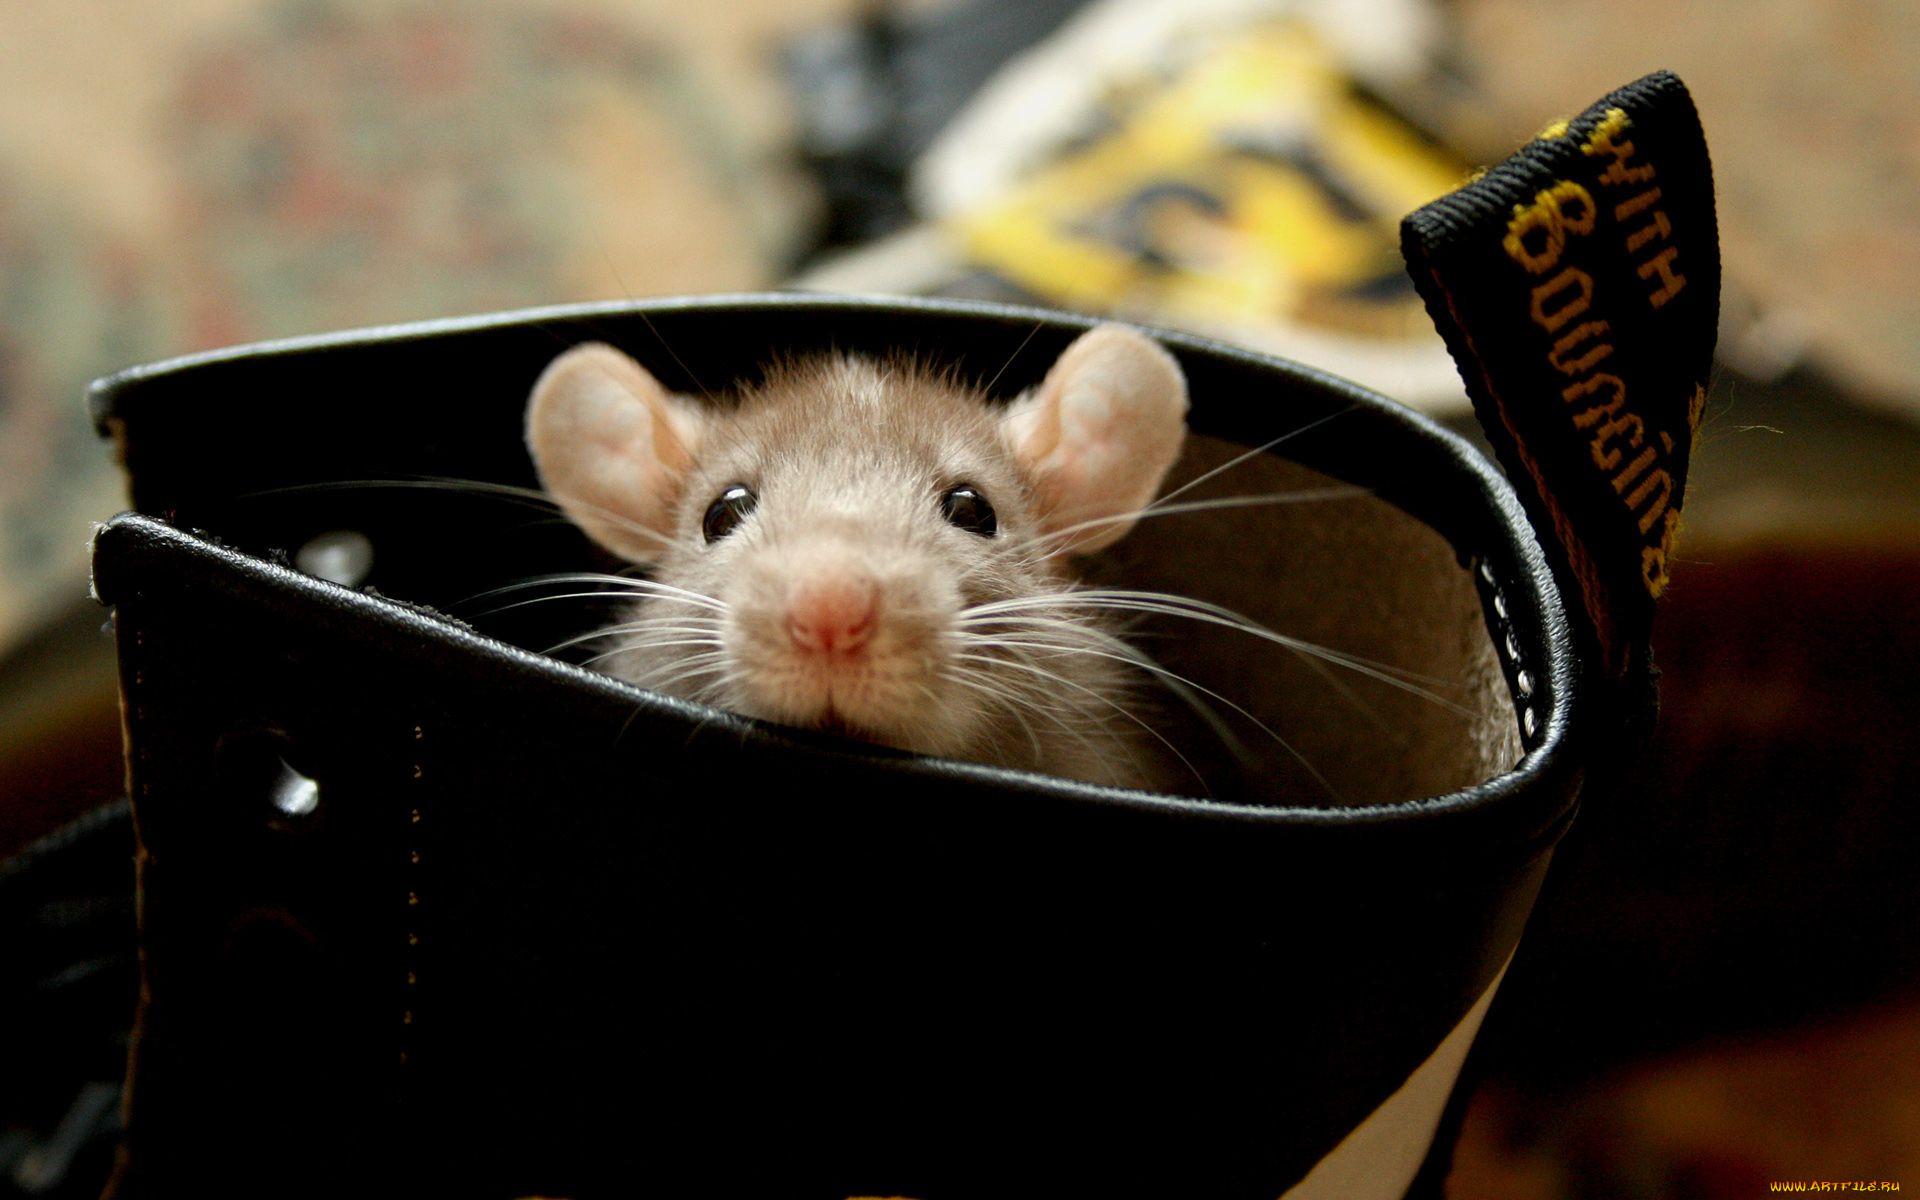 фото картинки с мышью крысой